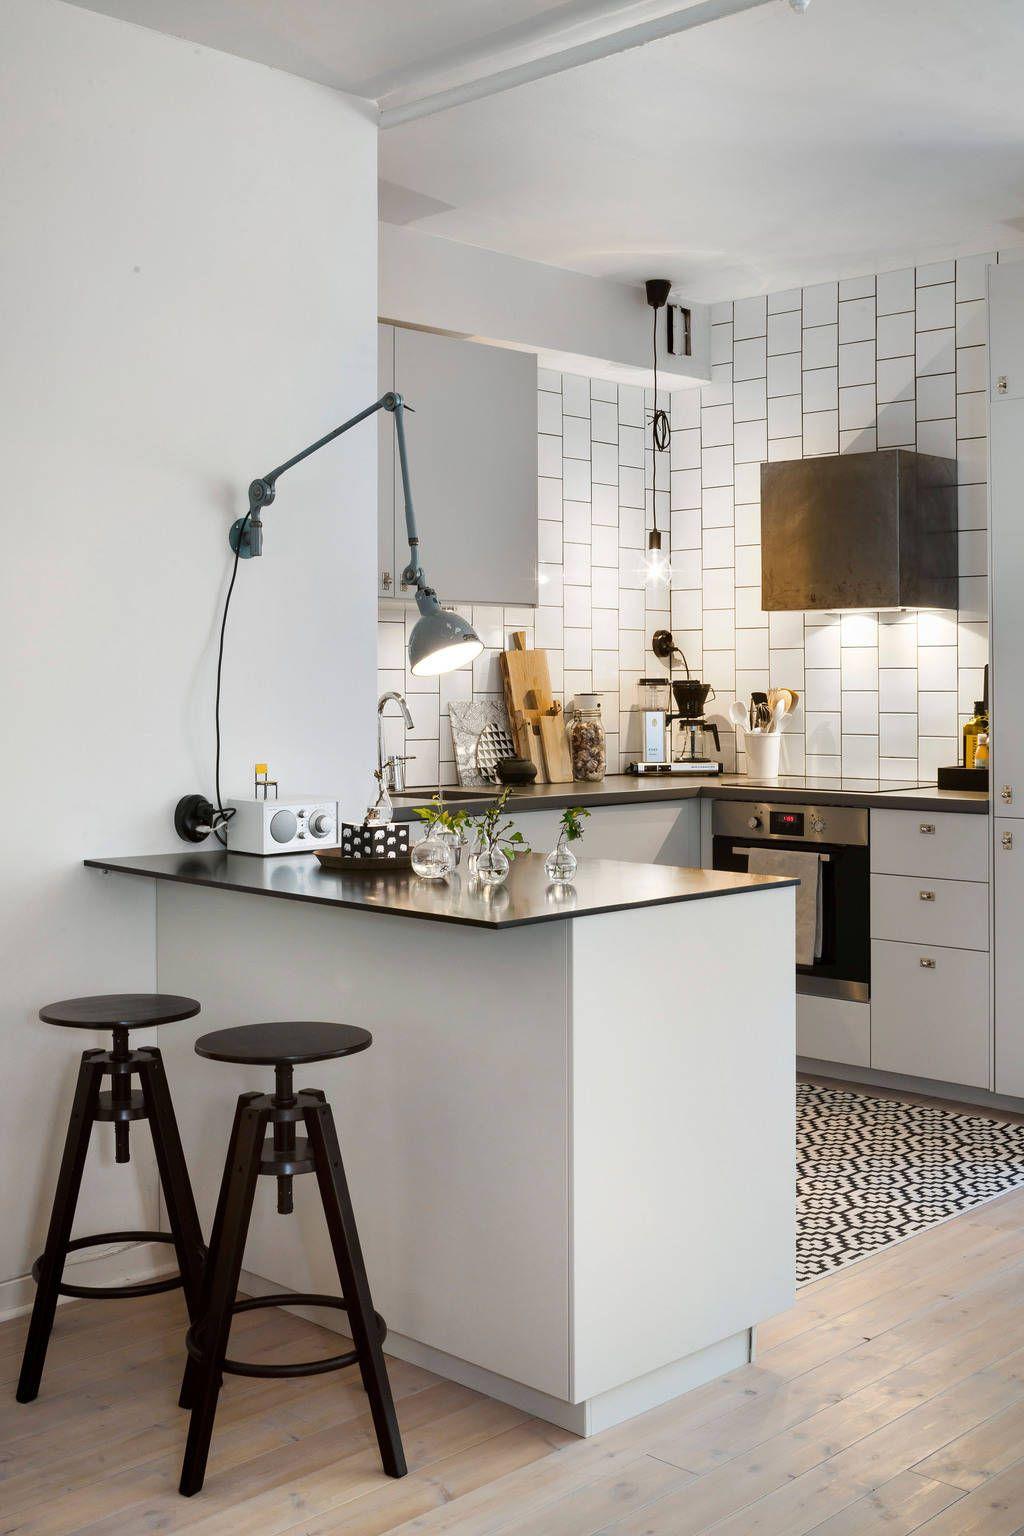 Risultati immagini per cucina piccola con isola | Cucina | Pinterest ...